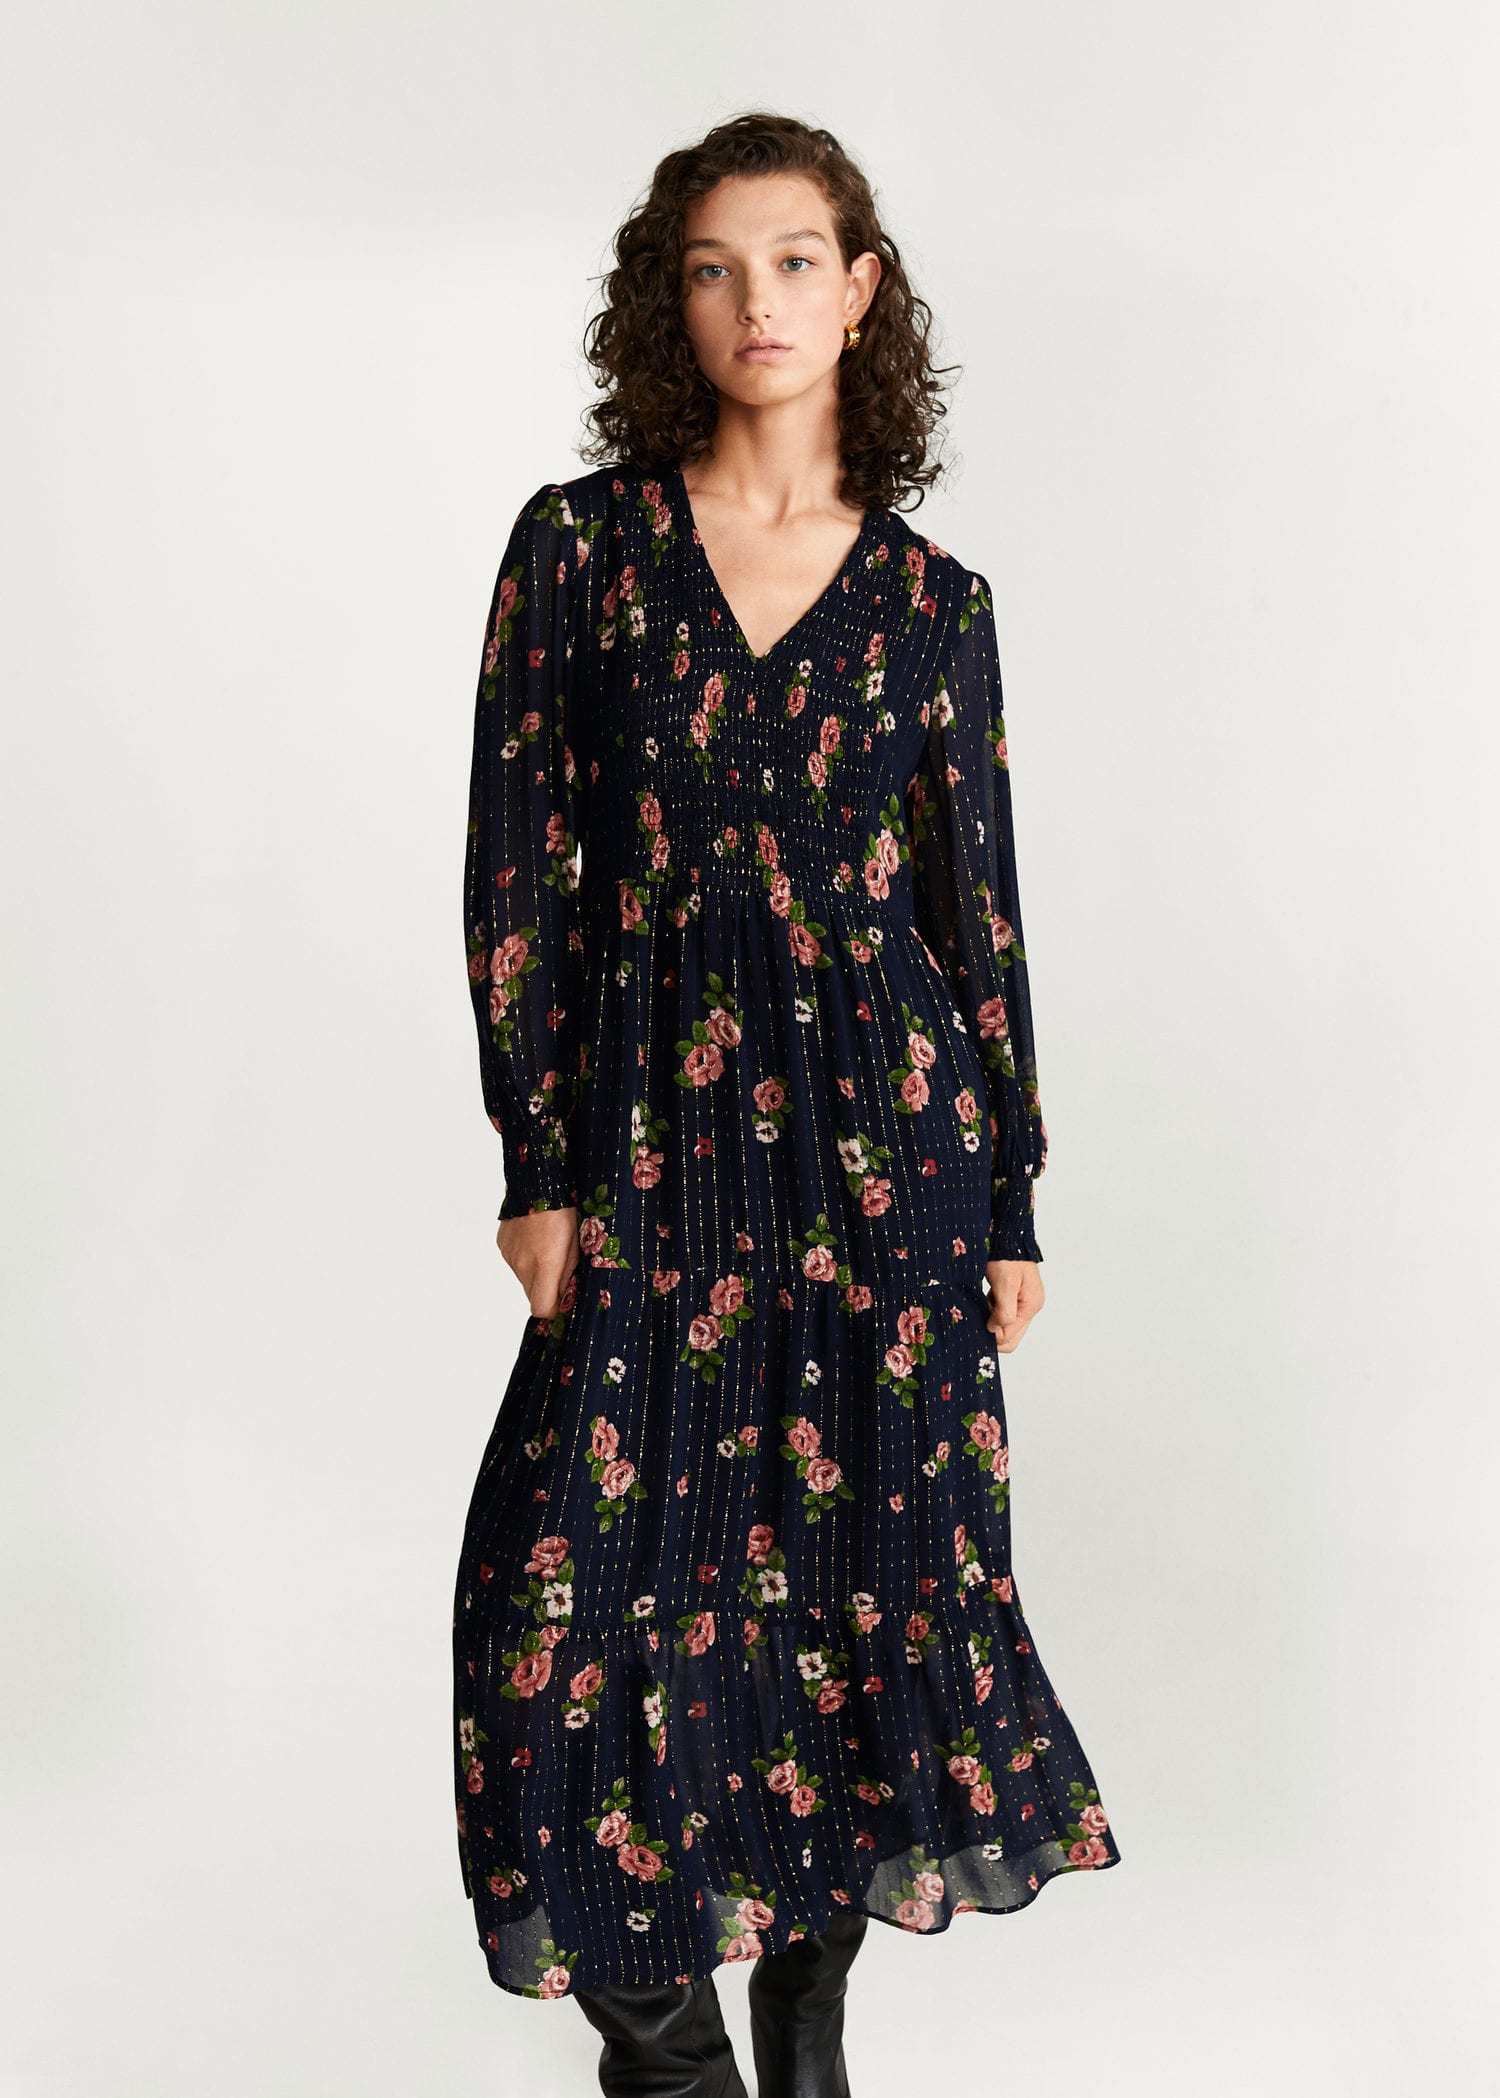 meilleurs tissus mieux choisir nouveaux produits pour Robe pour Femme 2019 | Mango France